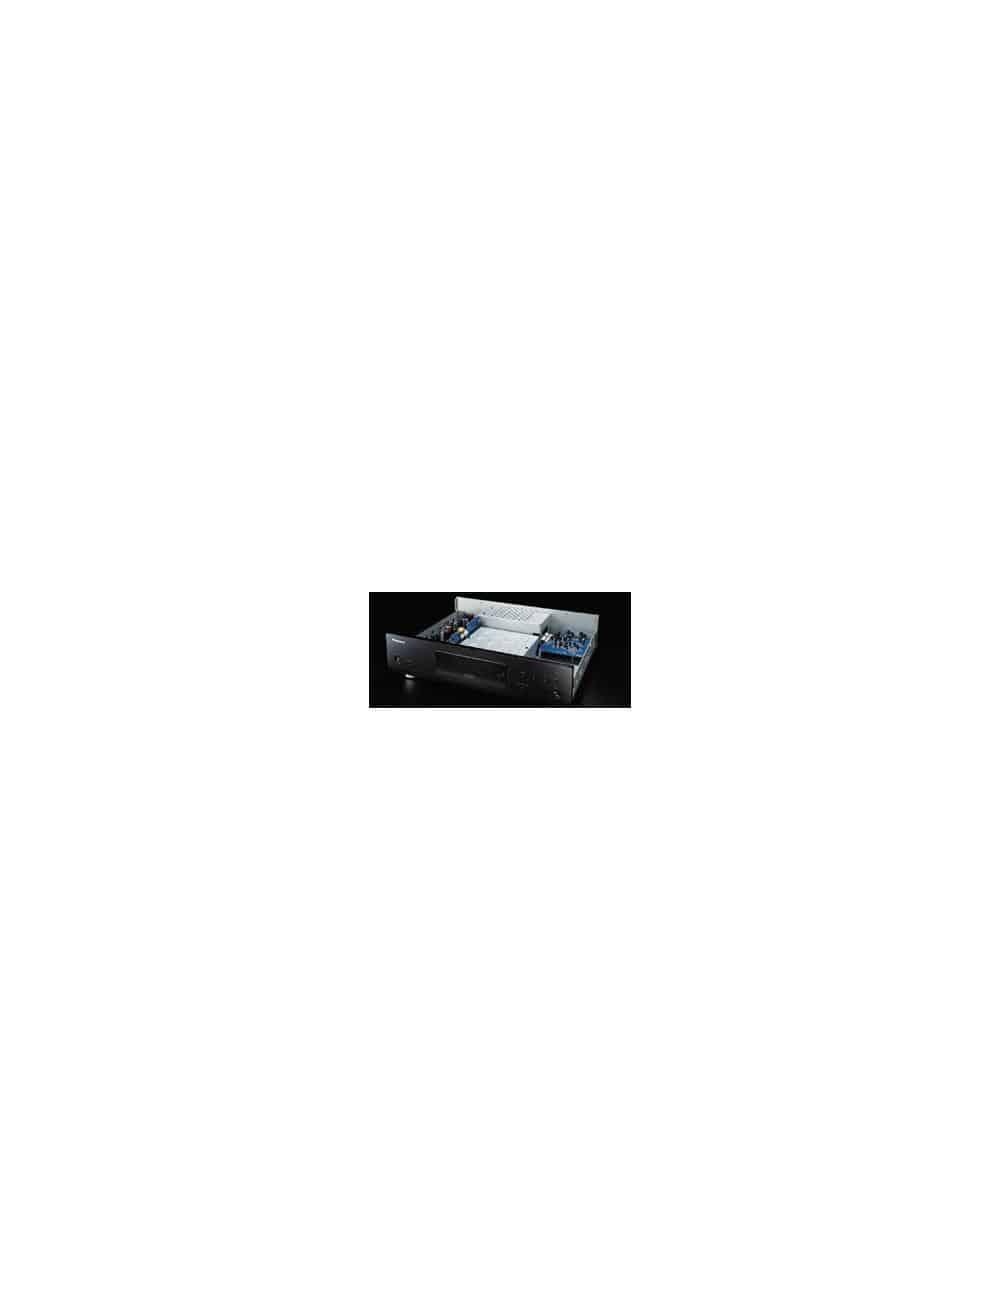 lettore universale di dischi UHD BD, BD, DVD e CD per HiFi ed Home Cinema, Pioneer UDP-LX500, vista interno